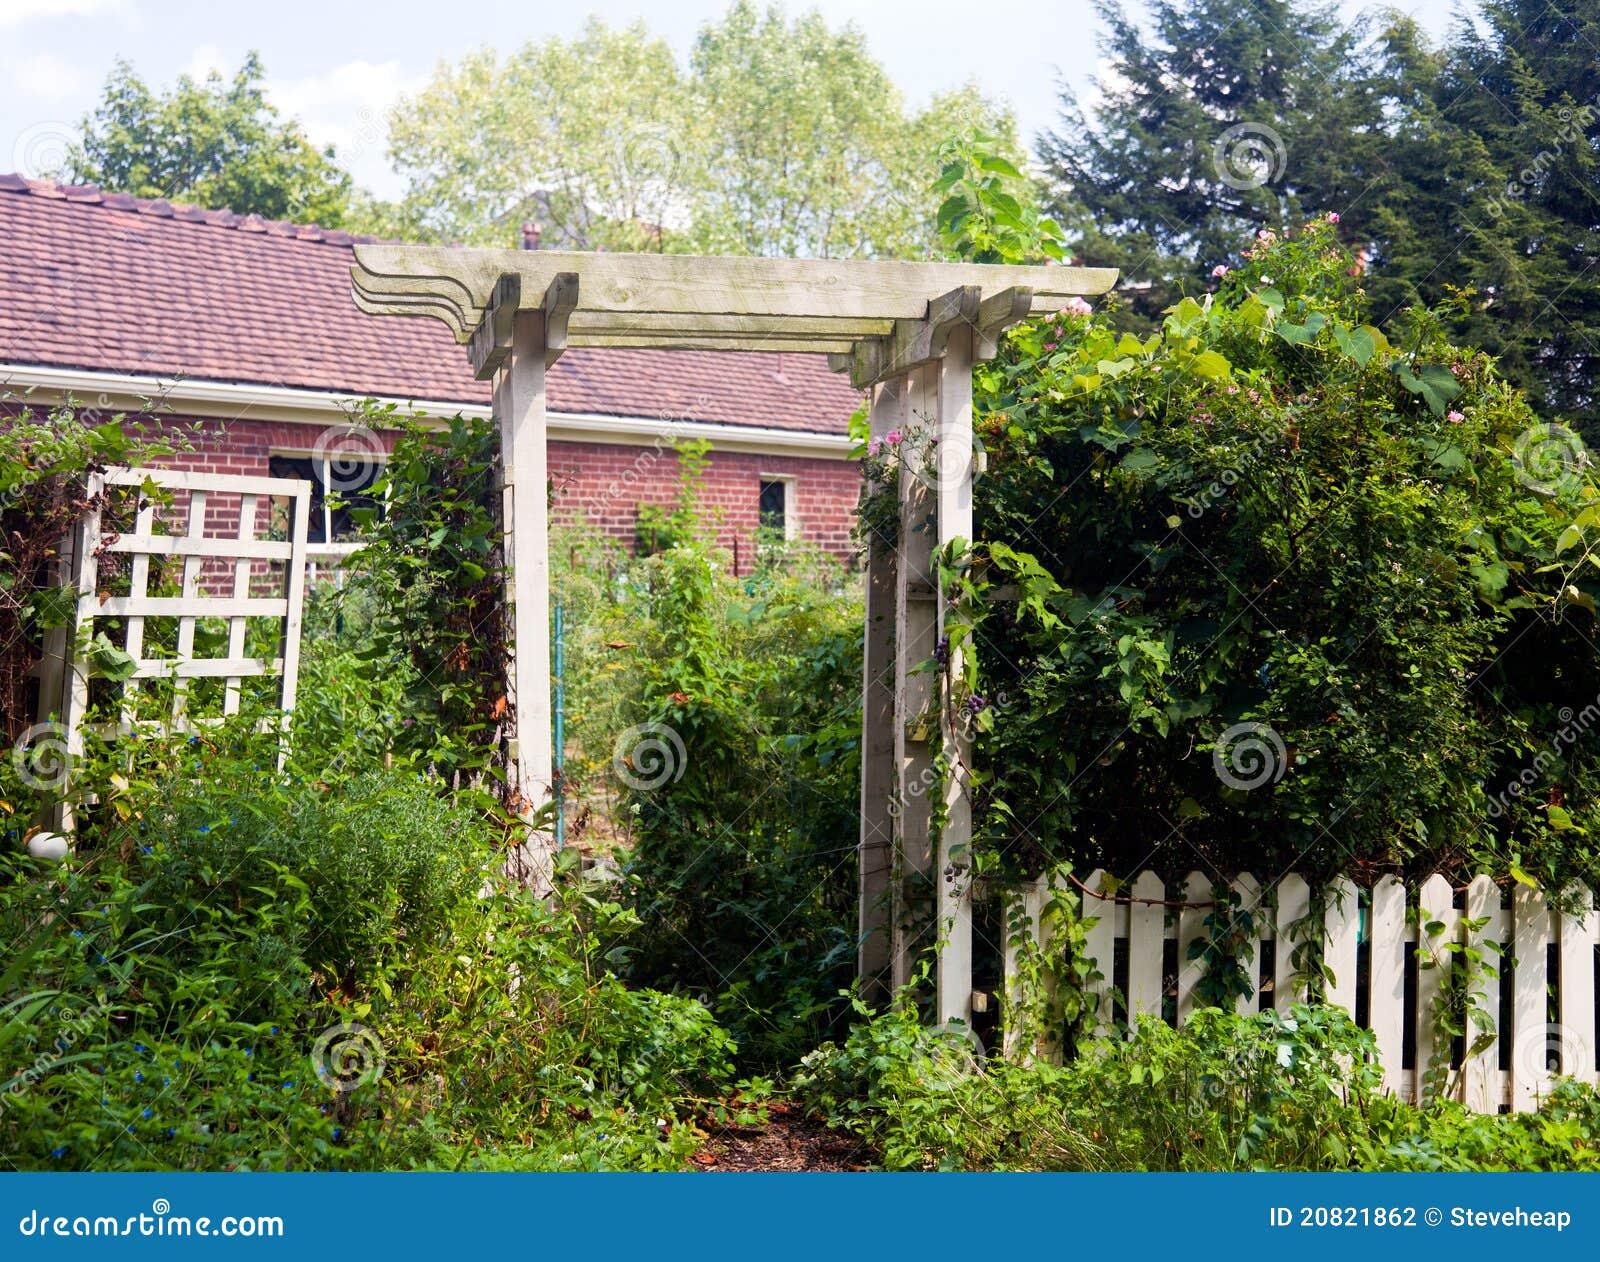 Pergola Als Eingang Zum Garten Stockfoto Bild Von Sommer Pfad